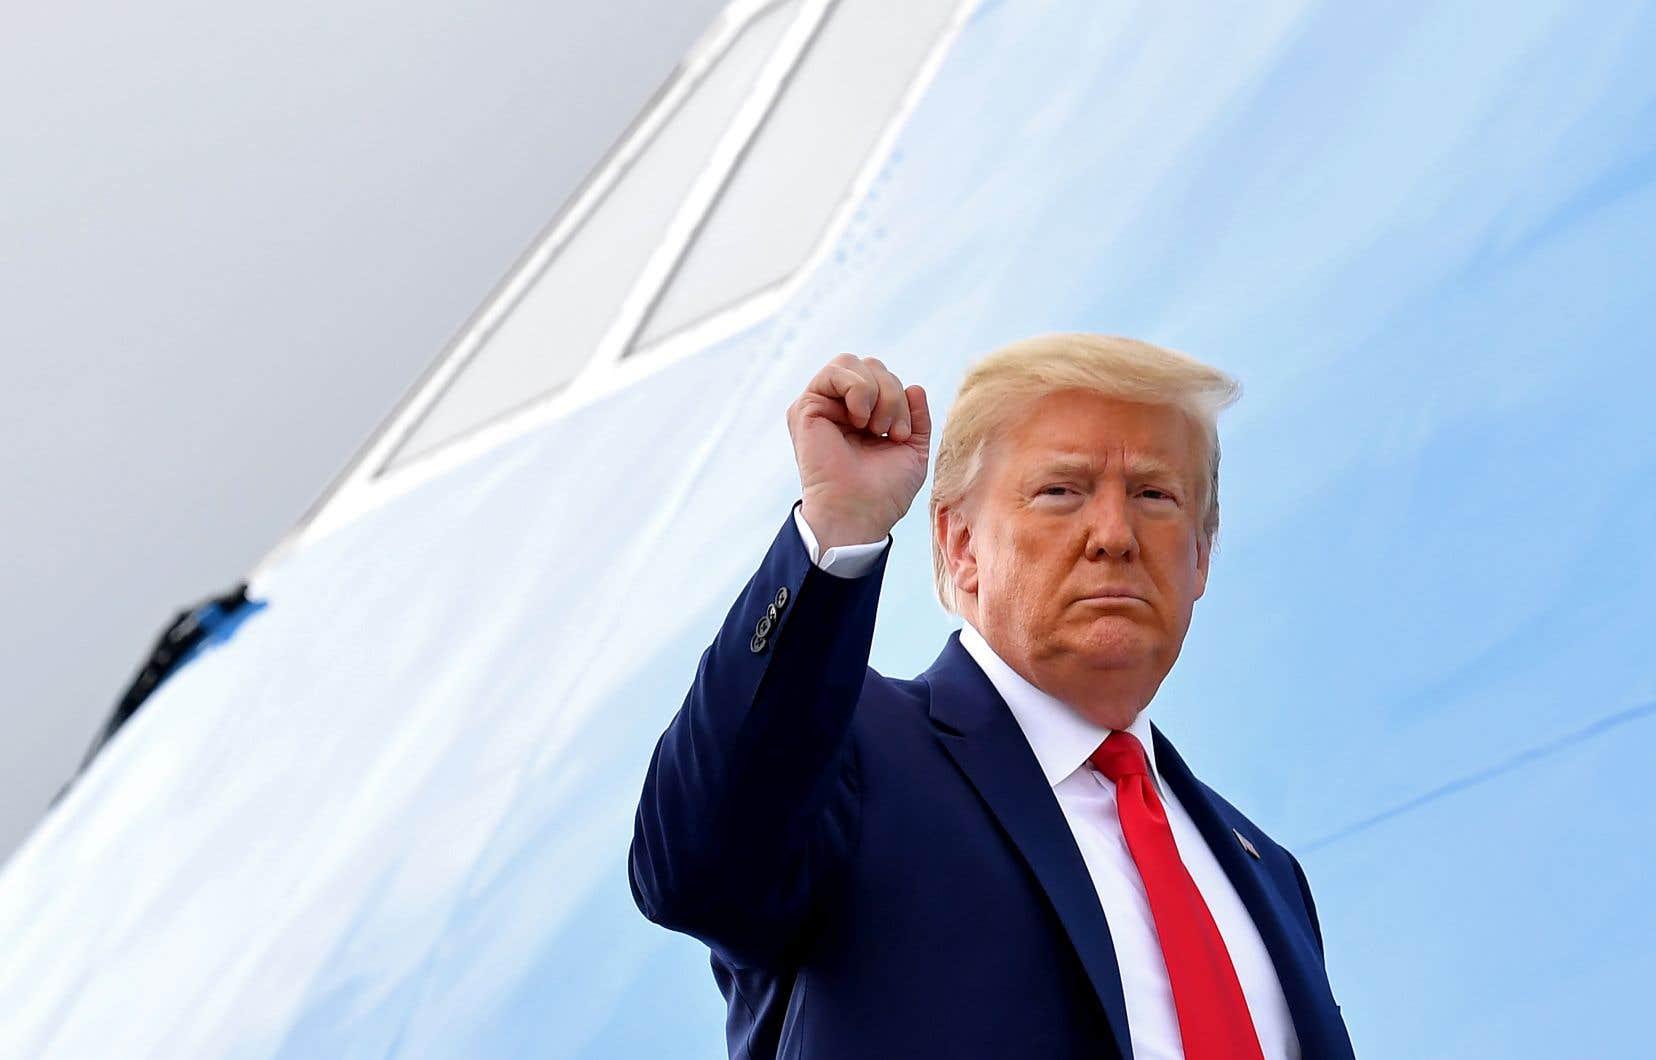 « Il y a toujours des brebis galeuses où que vous alliez. Et je peux vous dire qu'il n'y en a pas beaucoup dans la police », a dit jeudi le président américain, Donald Trump.